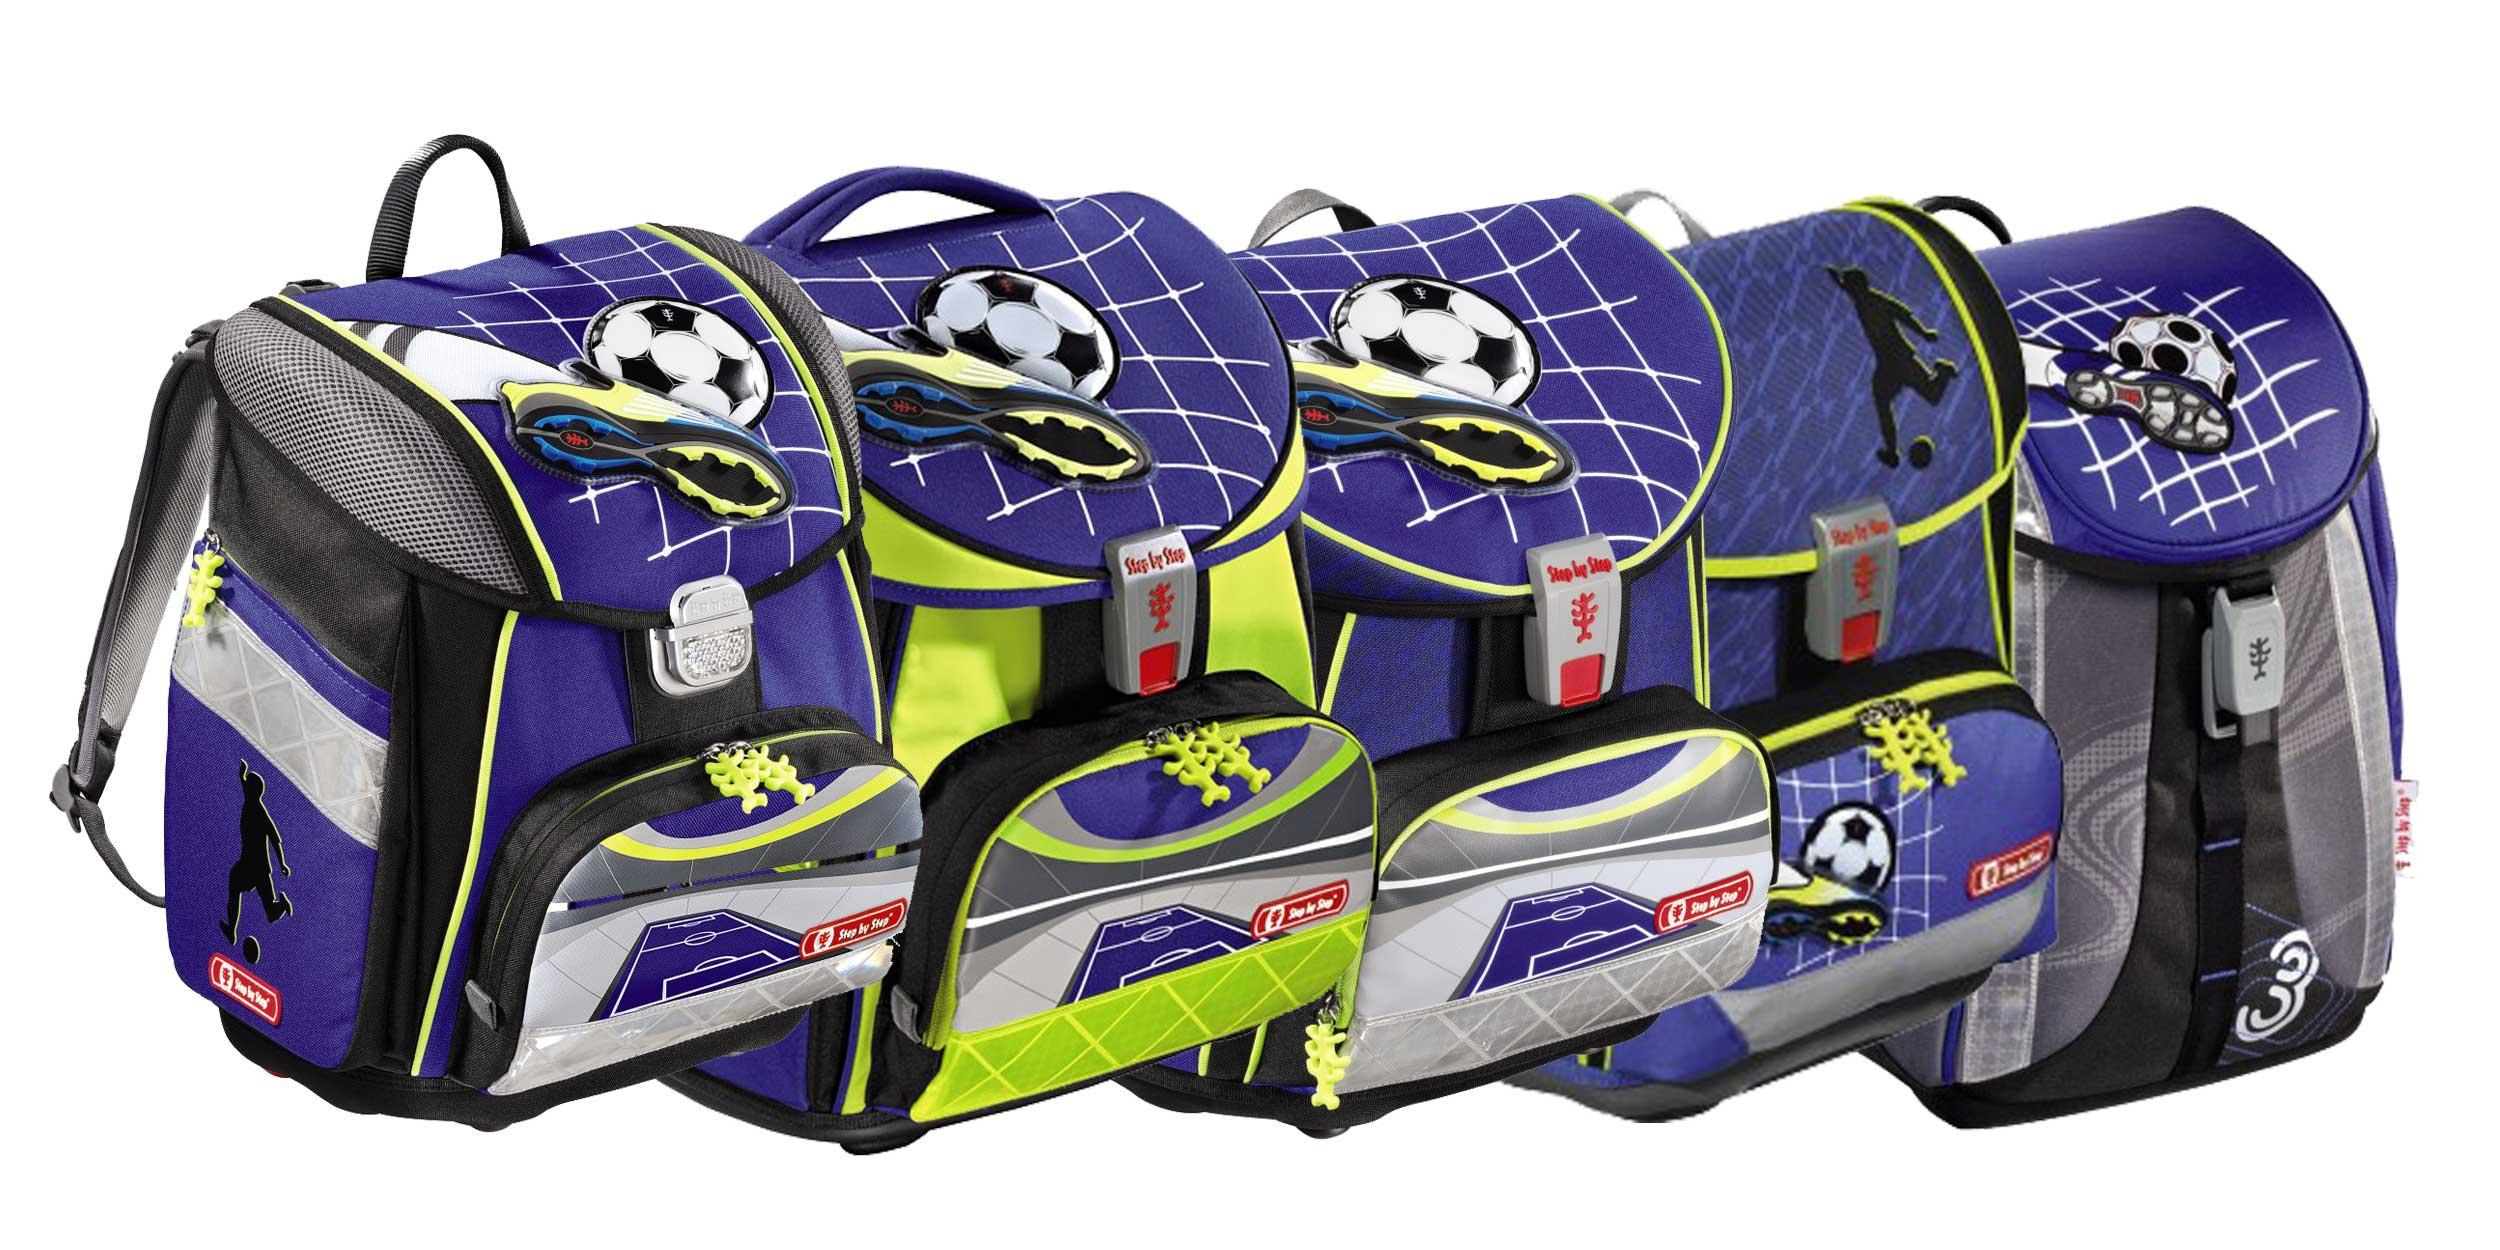 2e36ddf887 Školské tašky futbalové predaj online eshop